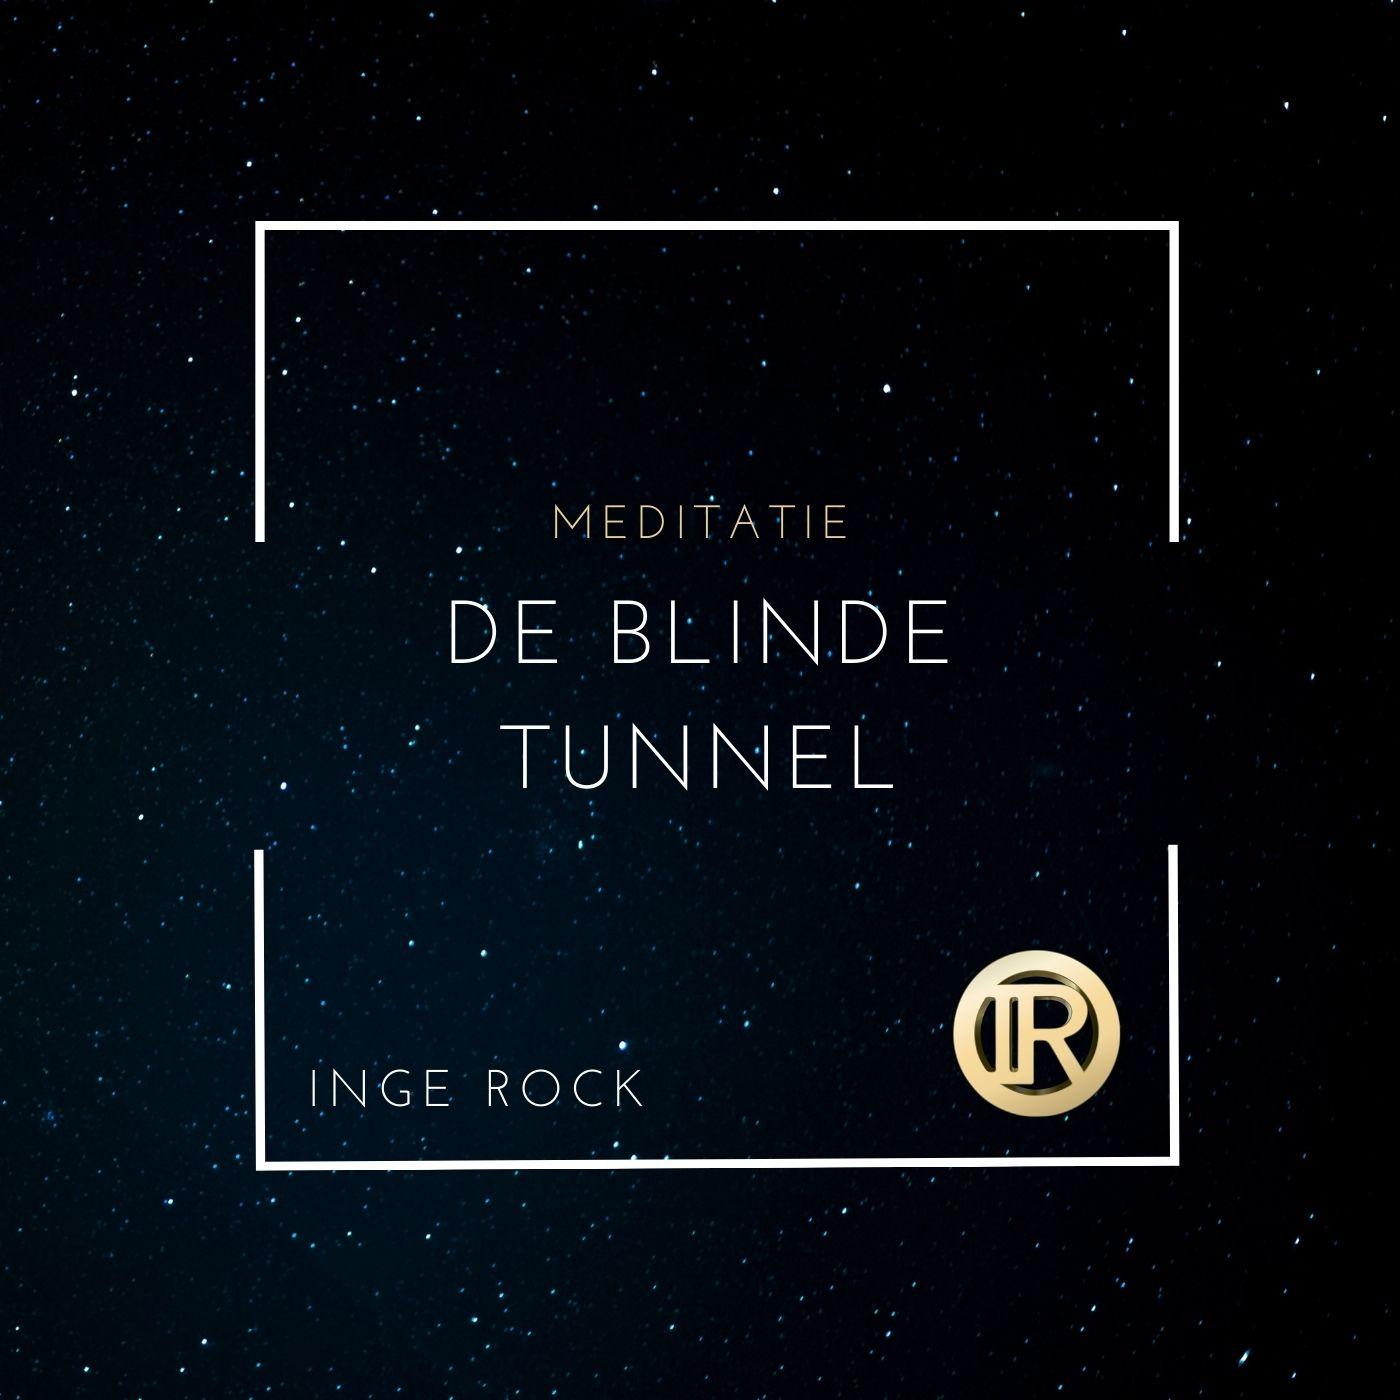 Meditatie - de blinde tunnel